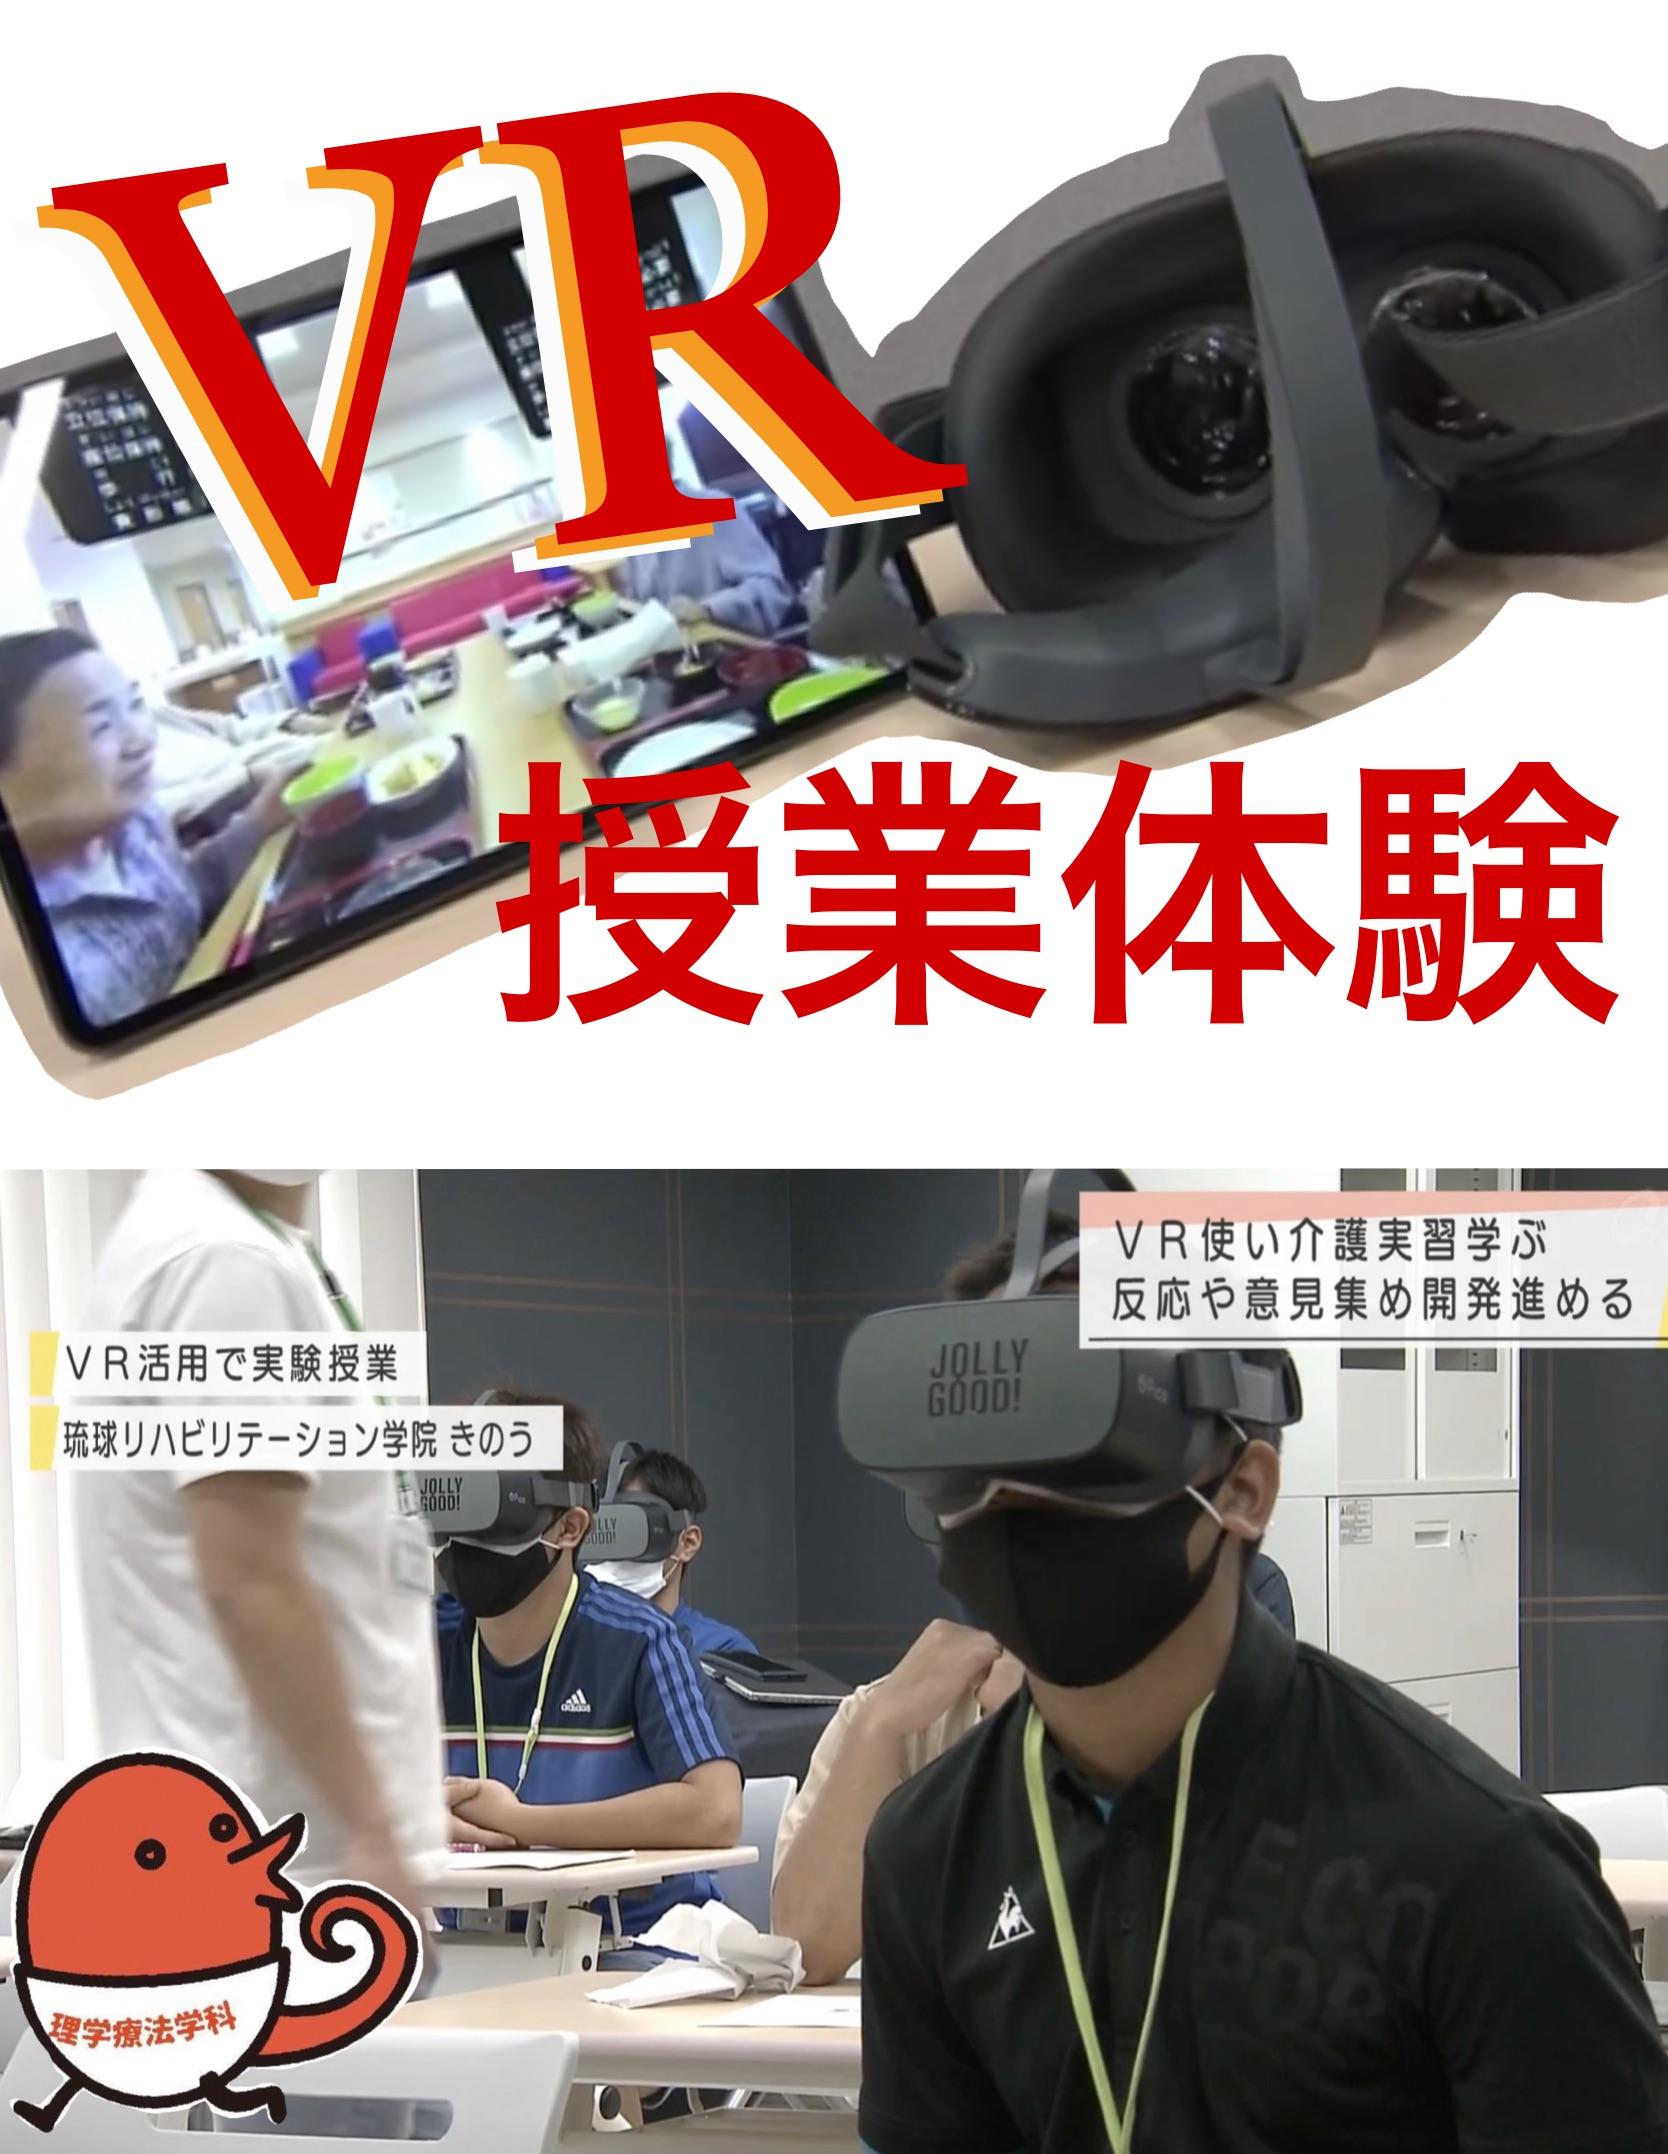 VR(仮想現実)を用いた模擬体験授業